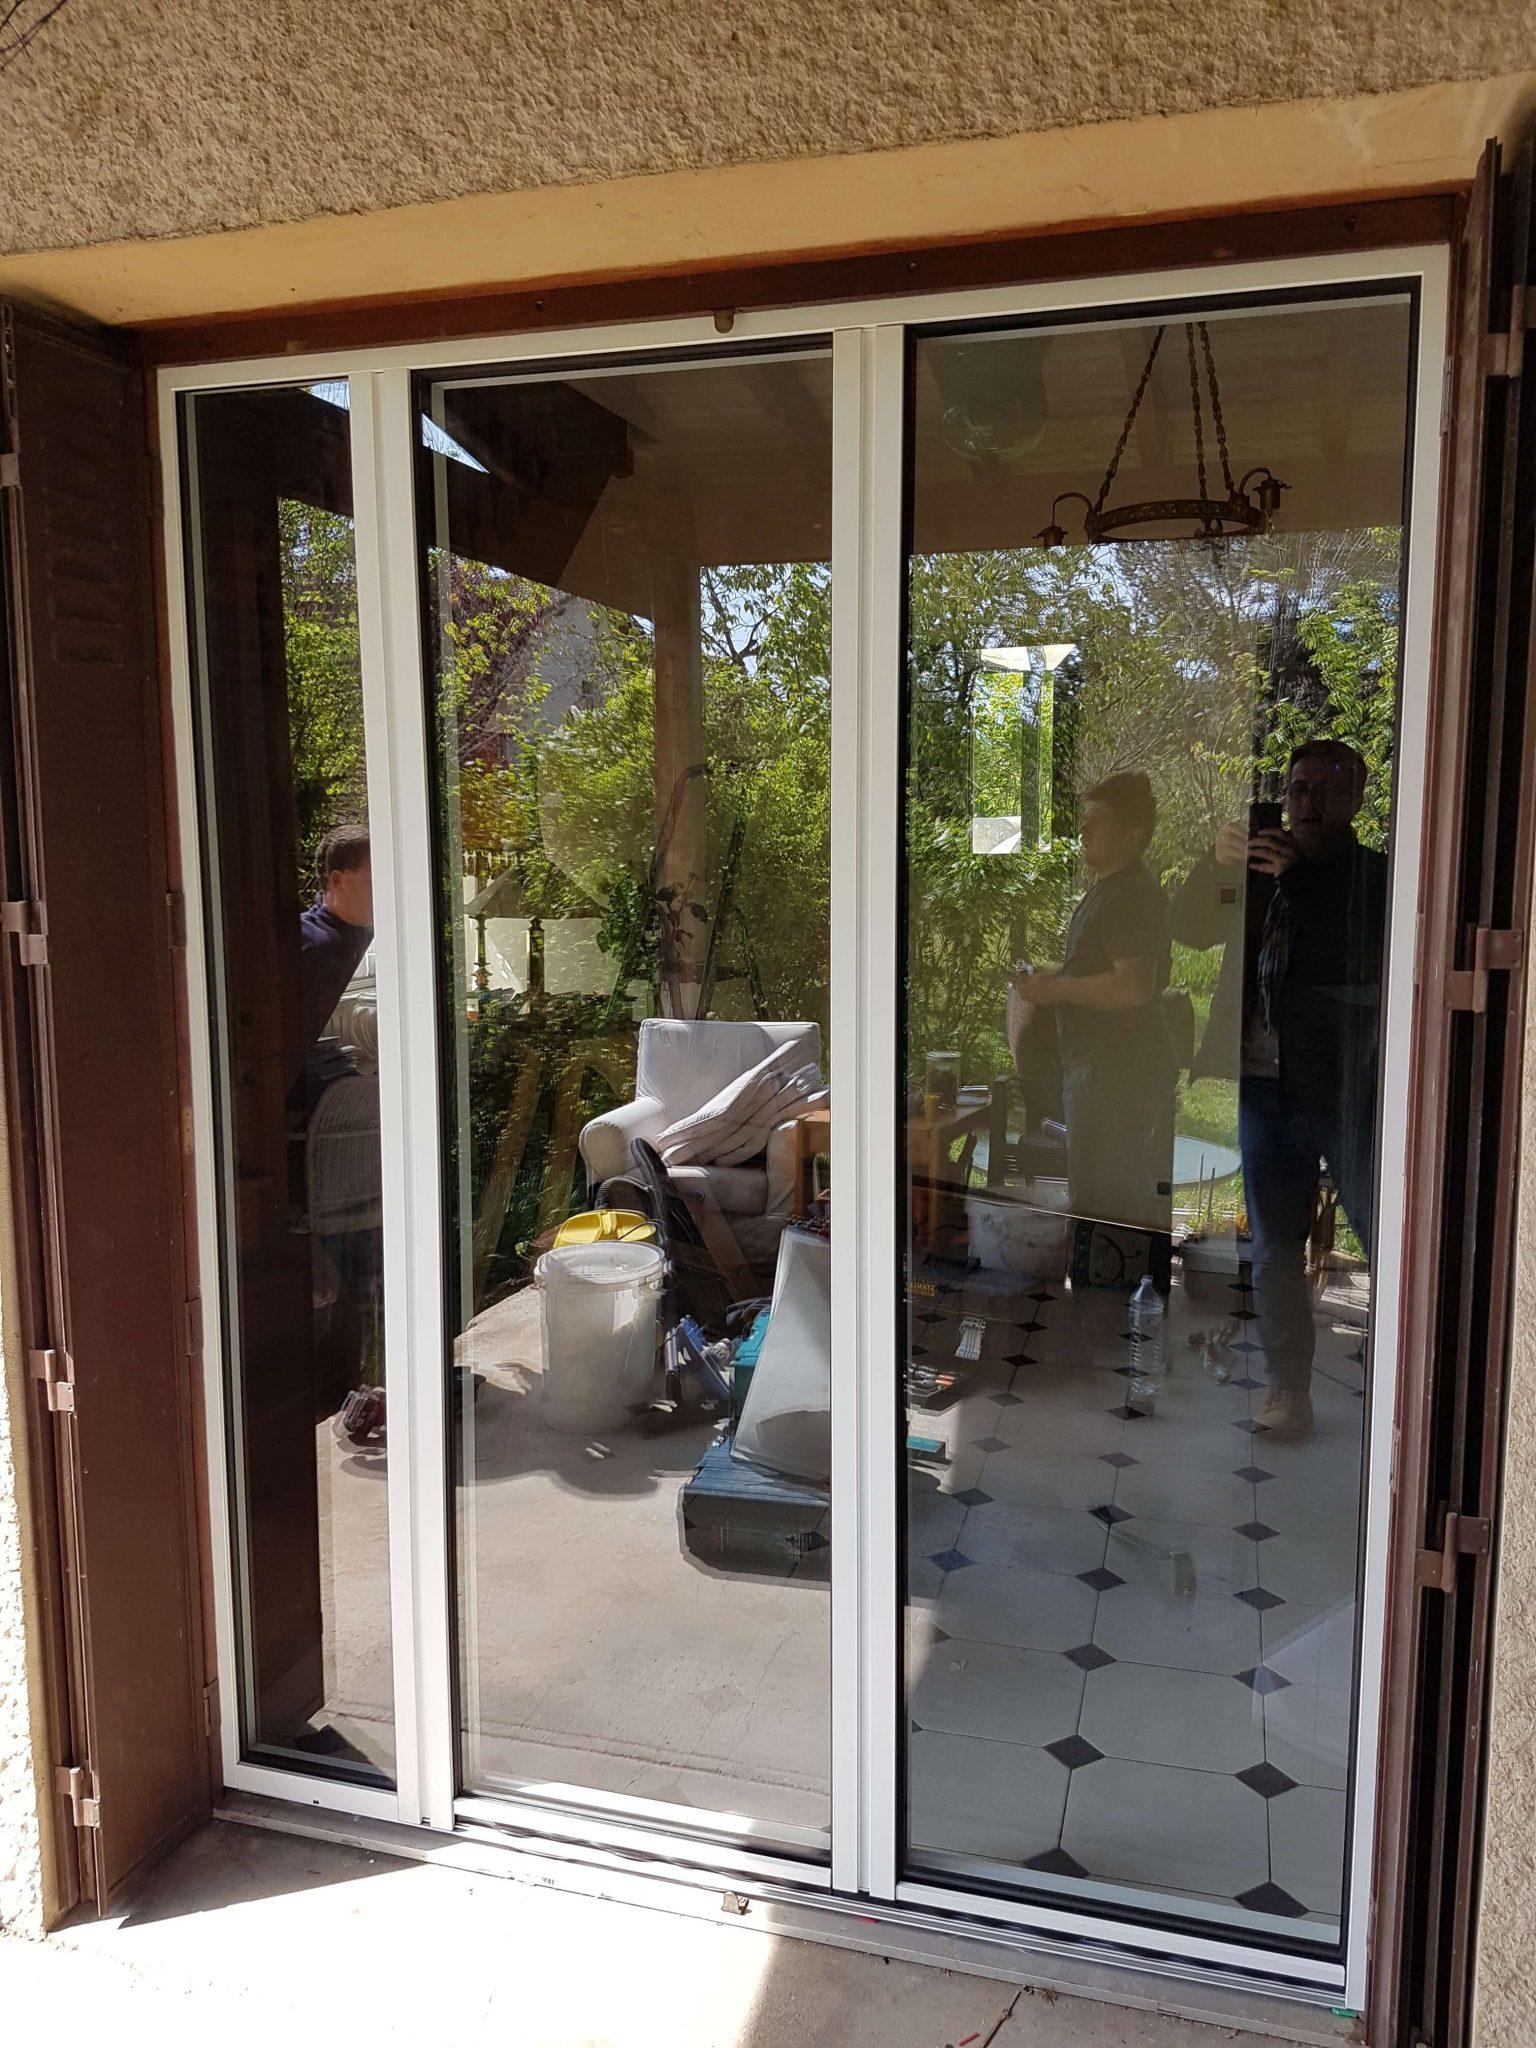 portes fenêtres kline2 - GCDH intervient sur l'installation de portes-fenêtres